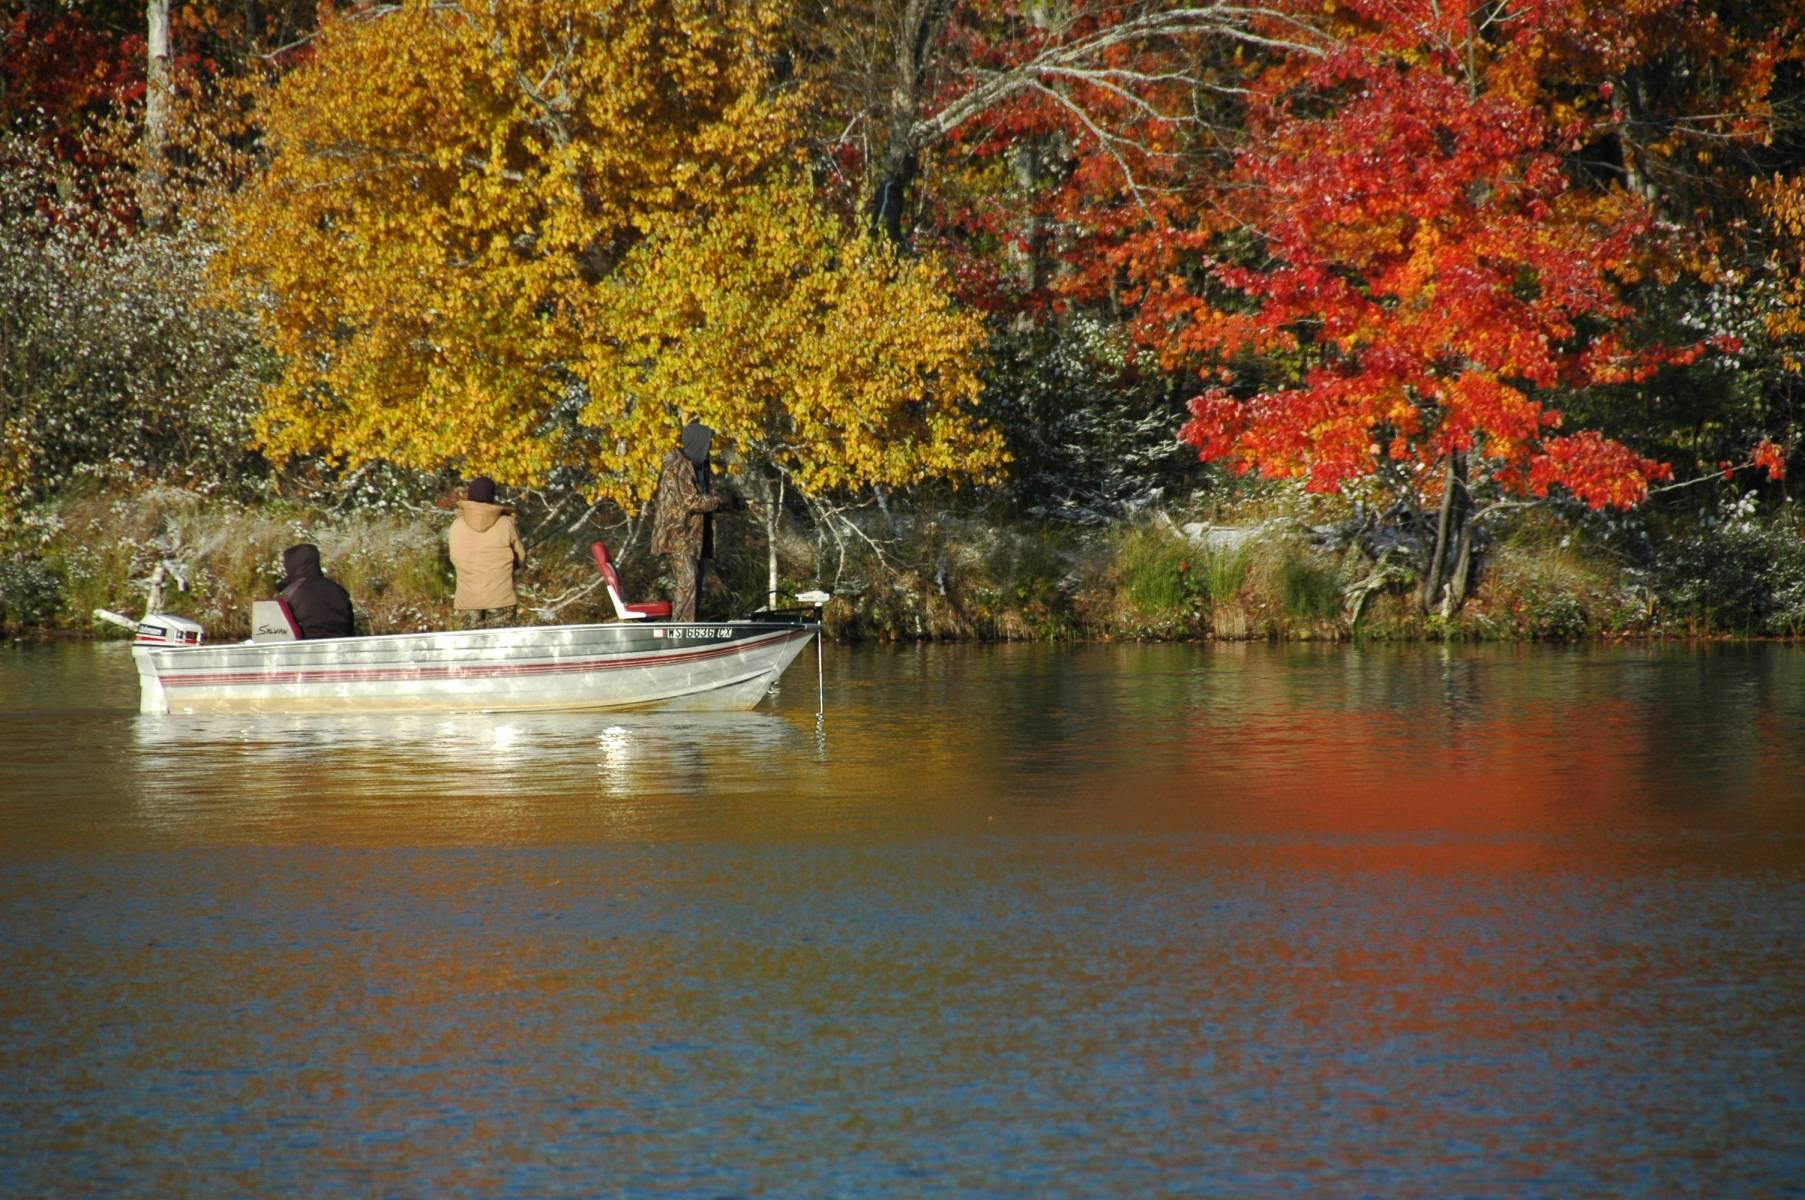 Fishing in Clam Lake, WI